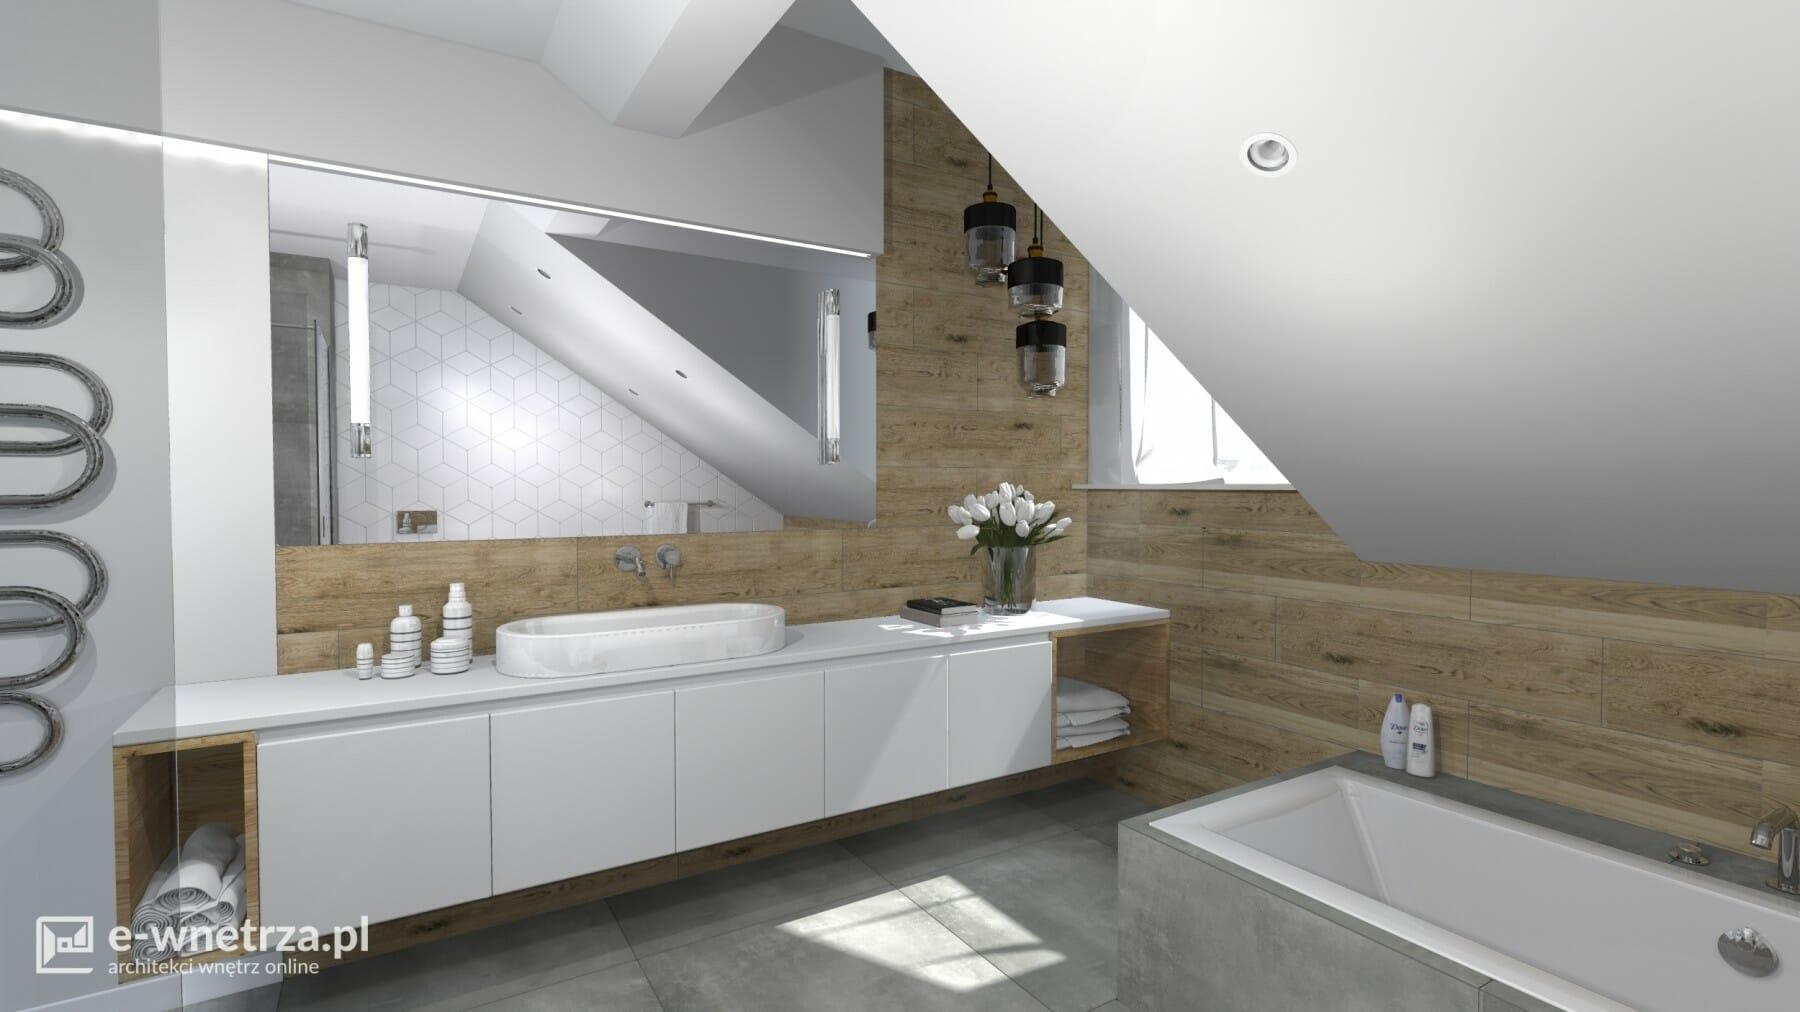 Projekt łazienki łazienka Pl Piła Projekty E Wnetrzapl